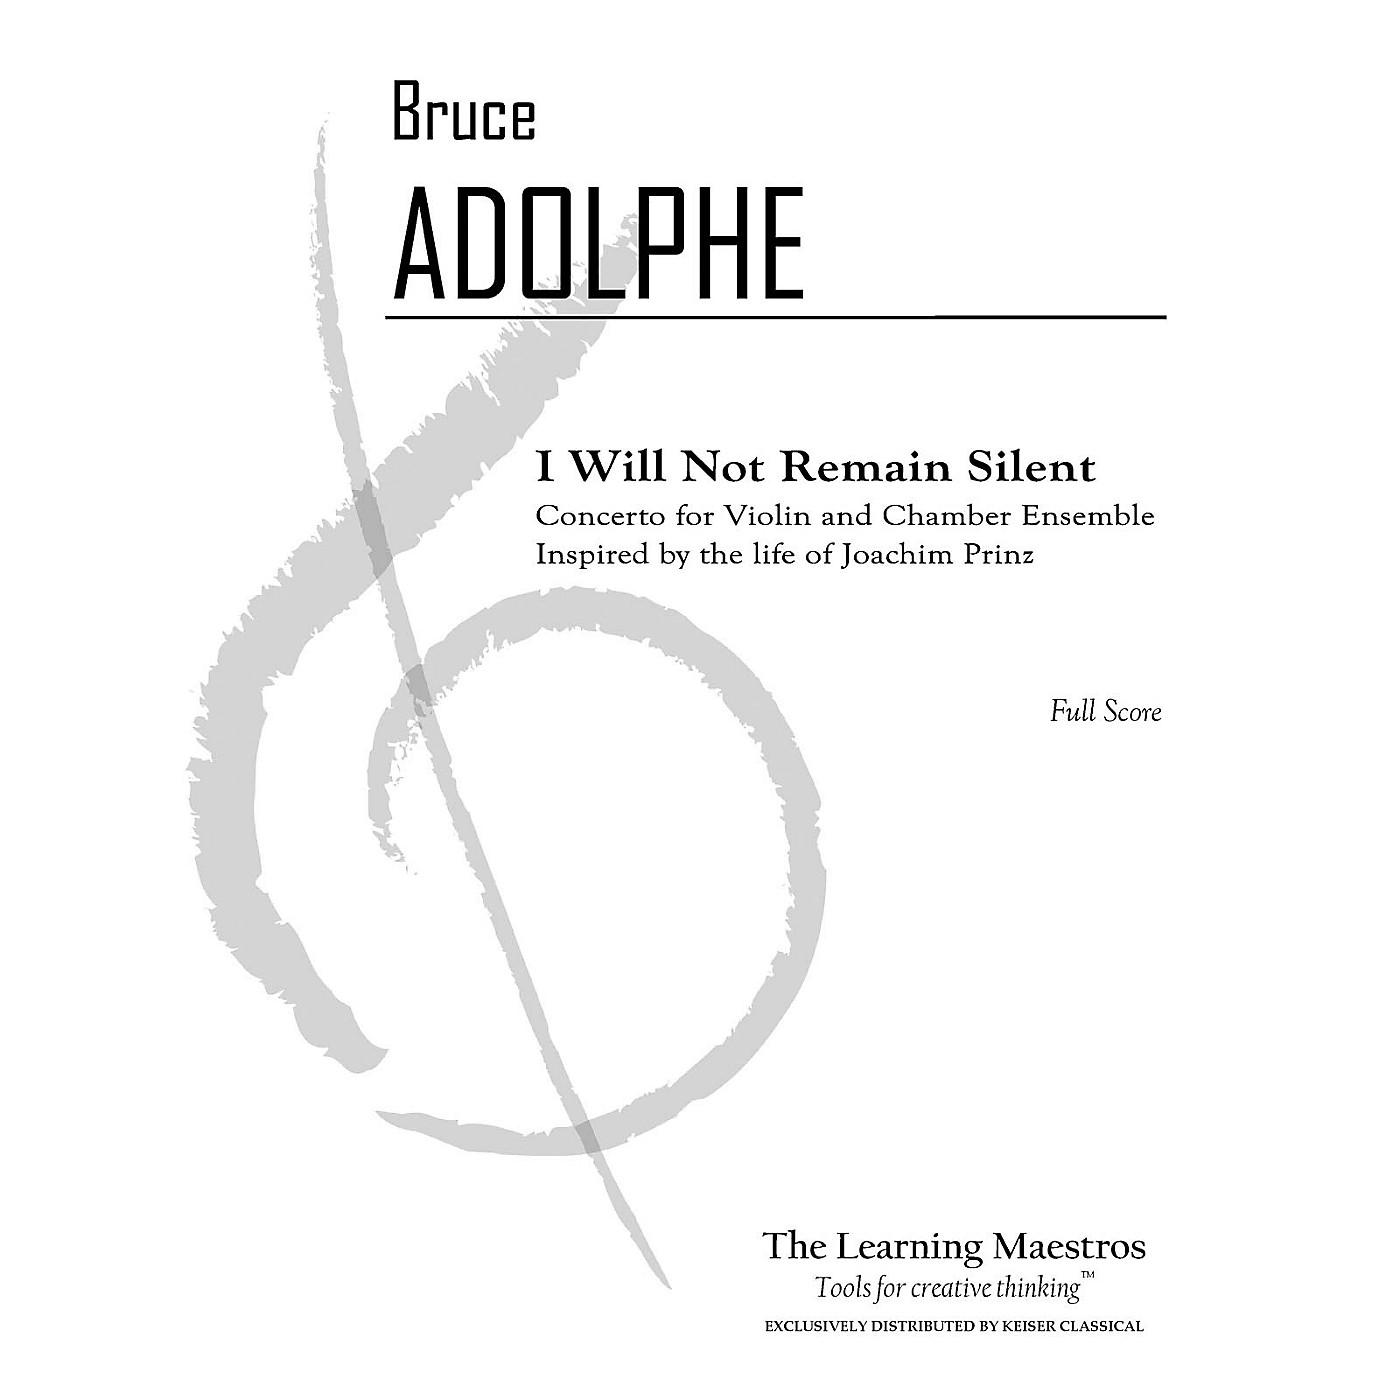 Lauren Keiser Music Publishing I Will Not Remain Silent: Conerto for Vn and Chamber Ensemble - Full Score LKM Music by Adolphe thumbnail